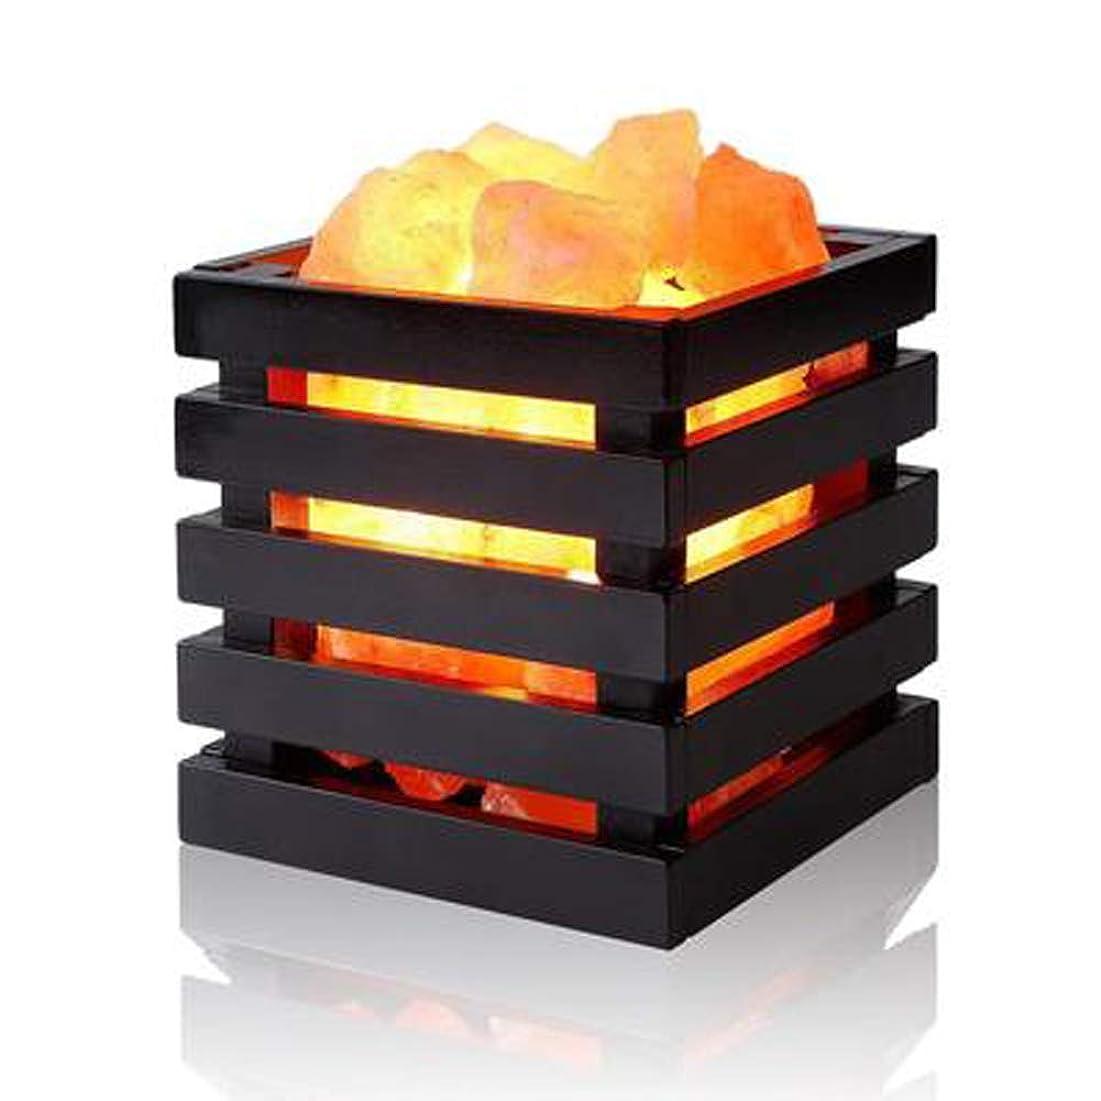 シェーバー自分を引き上げる仲間ソルトランプヒマラヤクリスタルソルトクリエイティブファッション装飾テーブルランプベッドルームベッドサイドナイトライトフレグランスラン